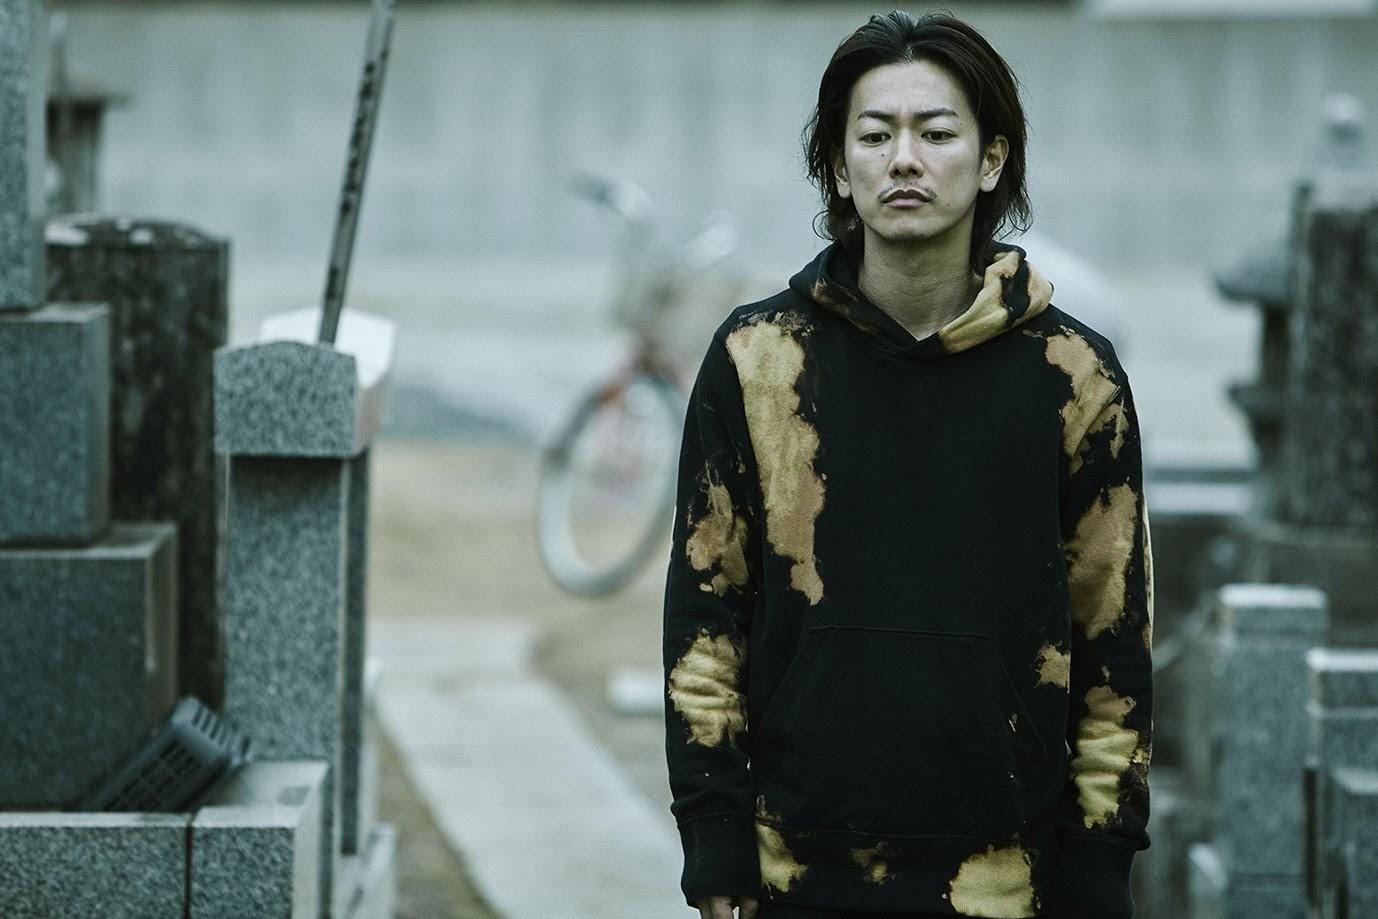 [迷迷影劇] 佐藤健 主演電影《那一夜》 談家人:「說得好聽是羈絆,說得難聽是詛咒」